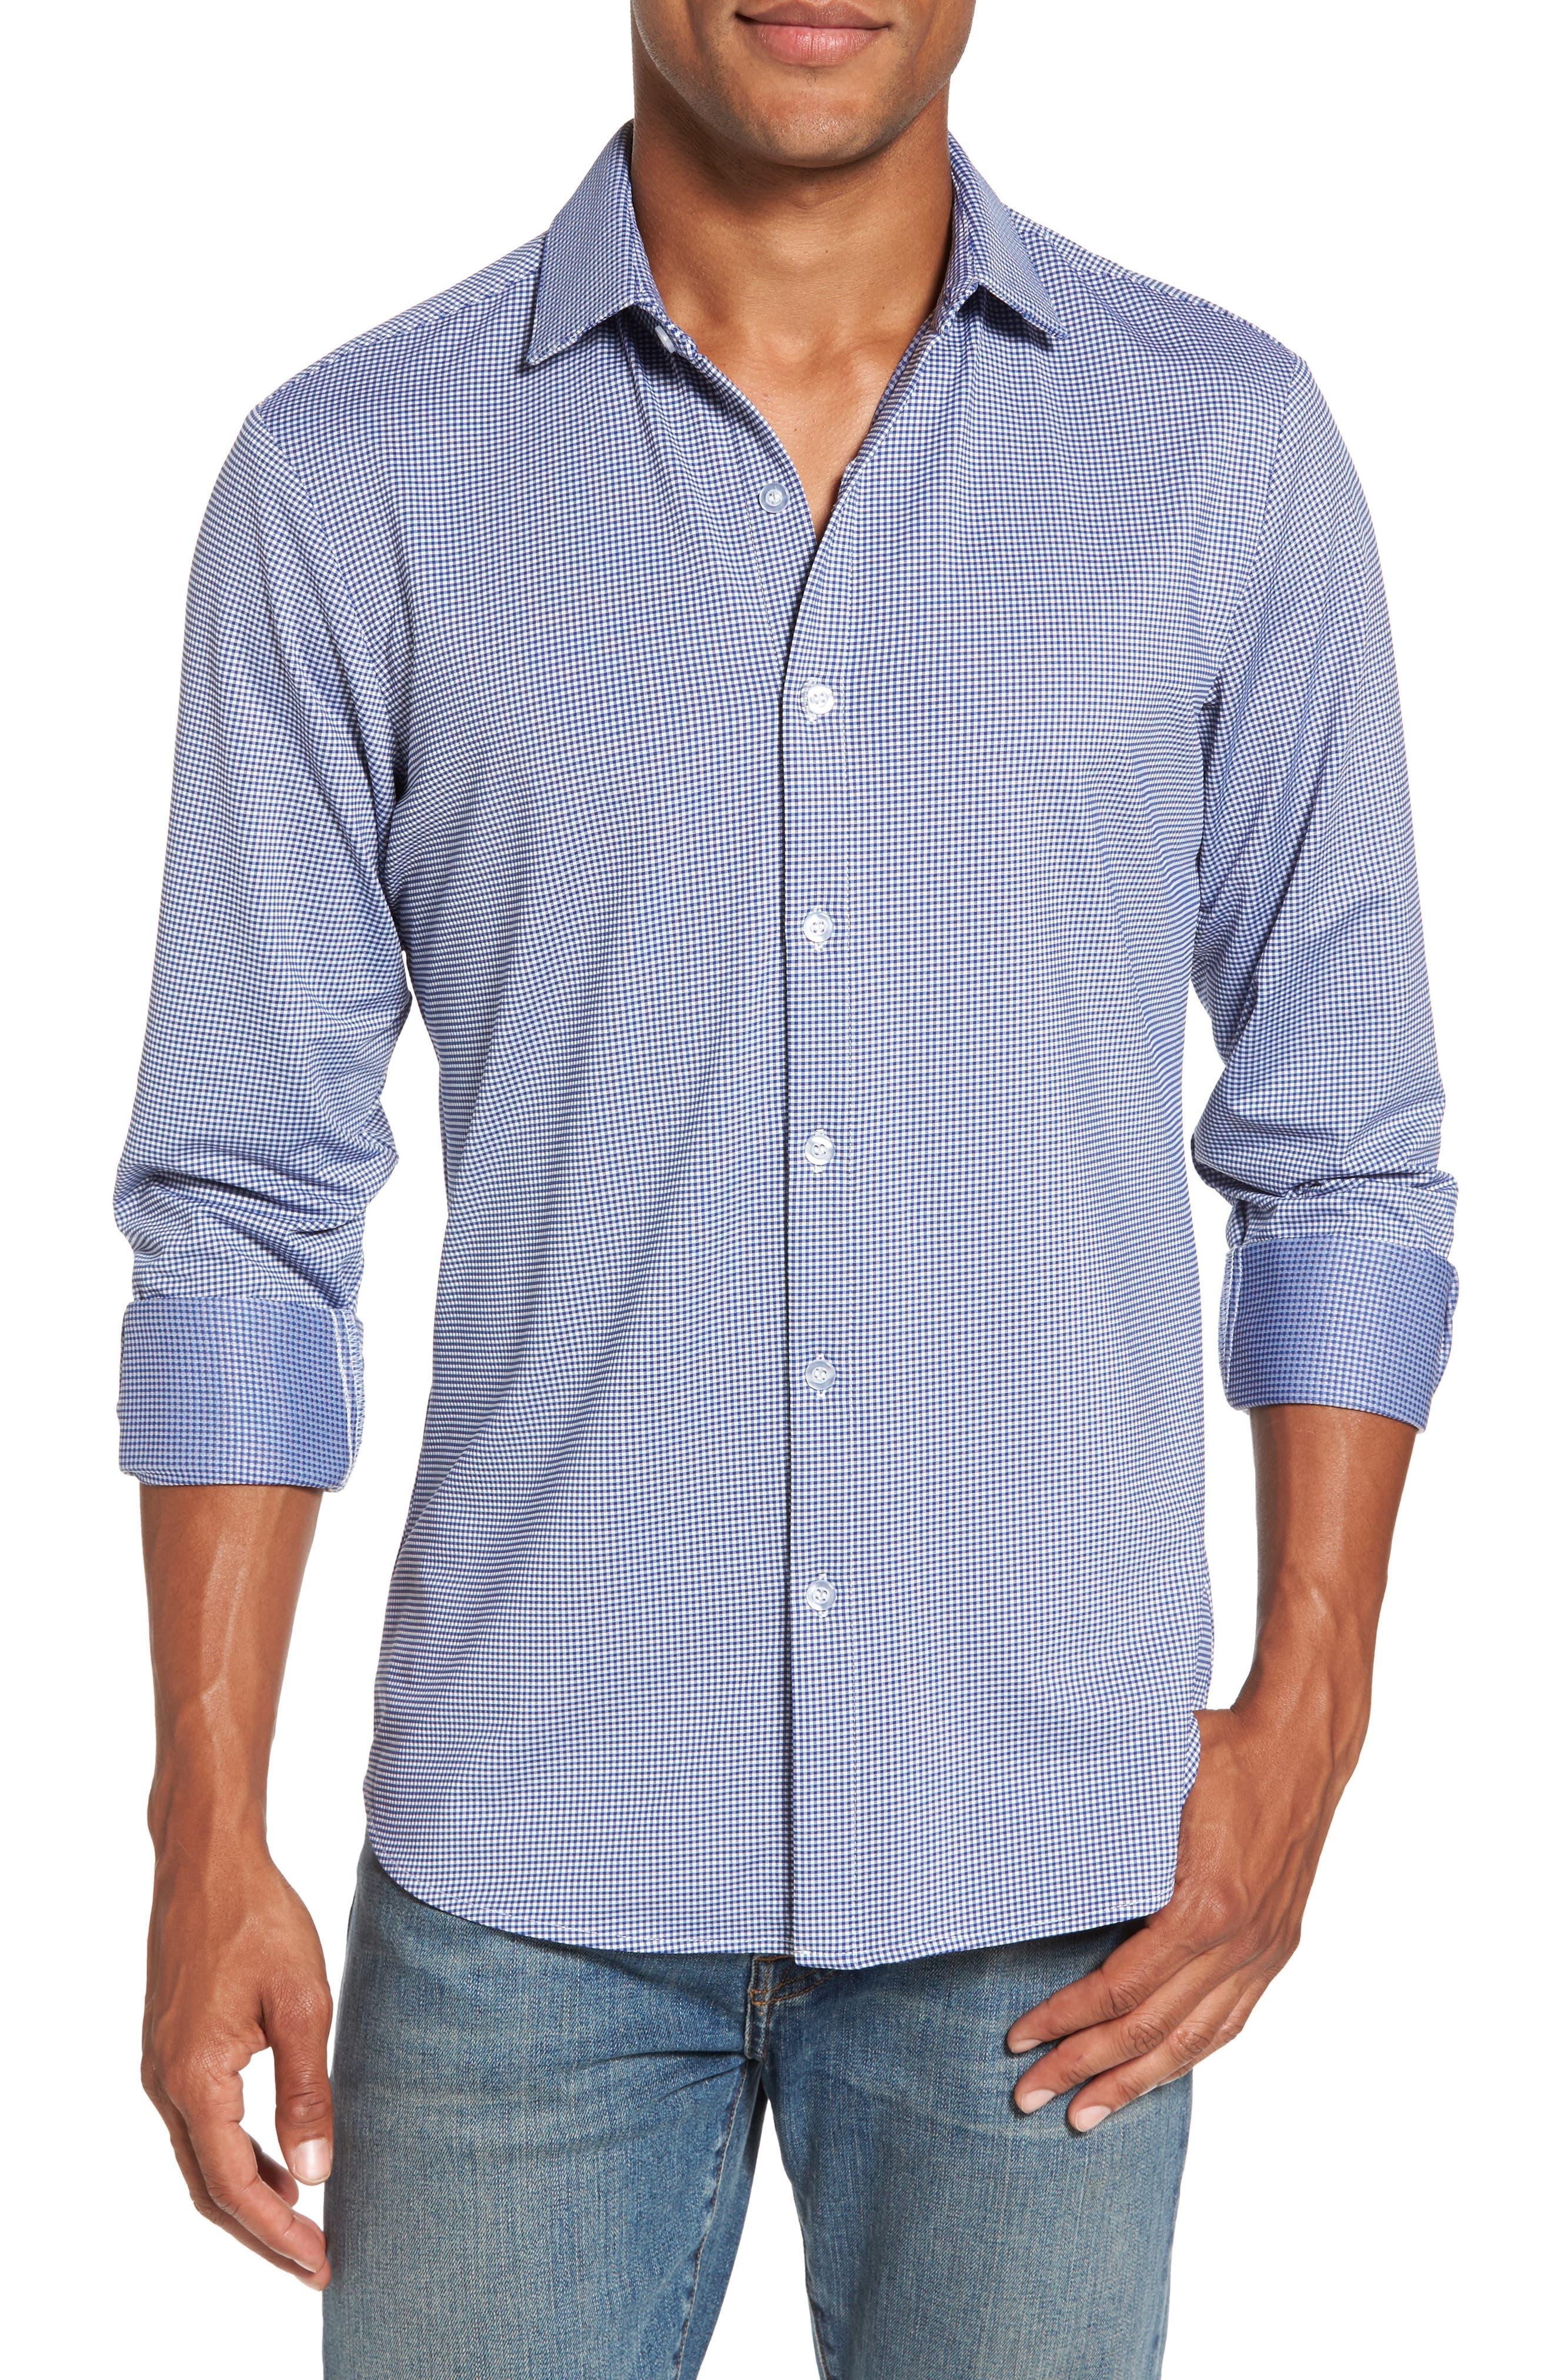 MIZZEN+MAIN Beckett Trim Fit Gingham Sport Shirt, Main, color, BLUE